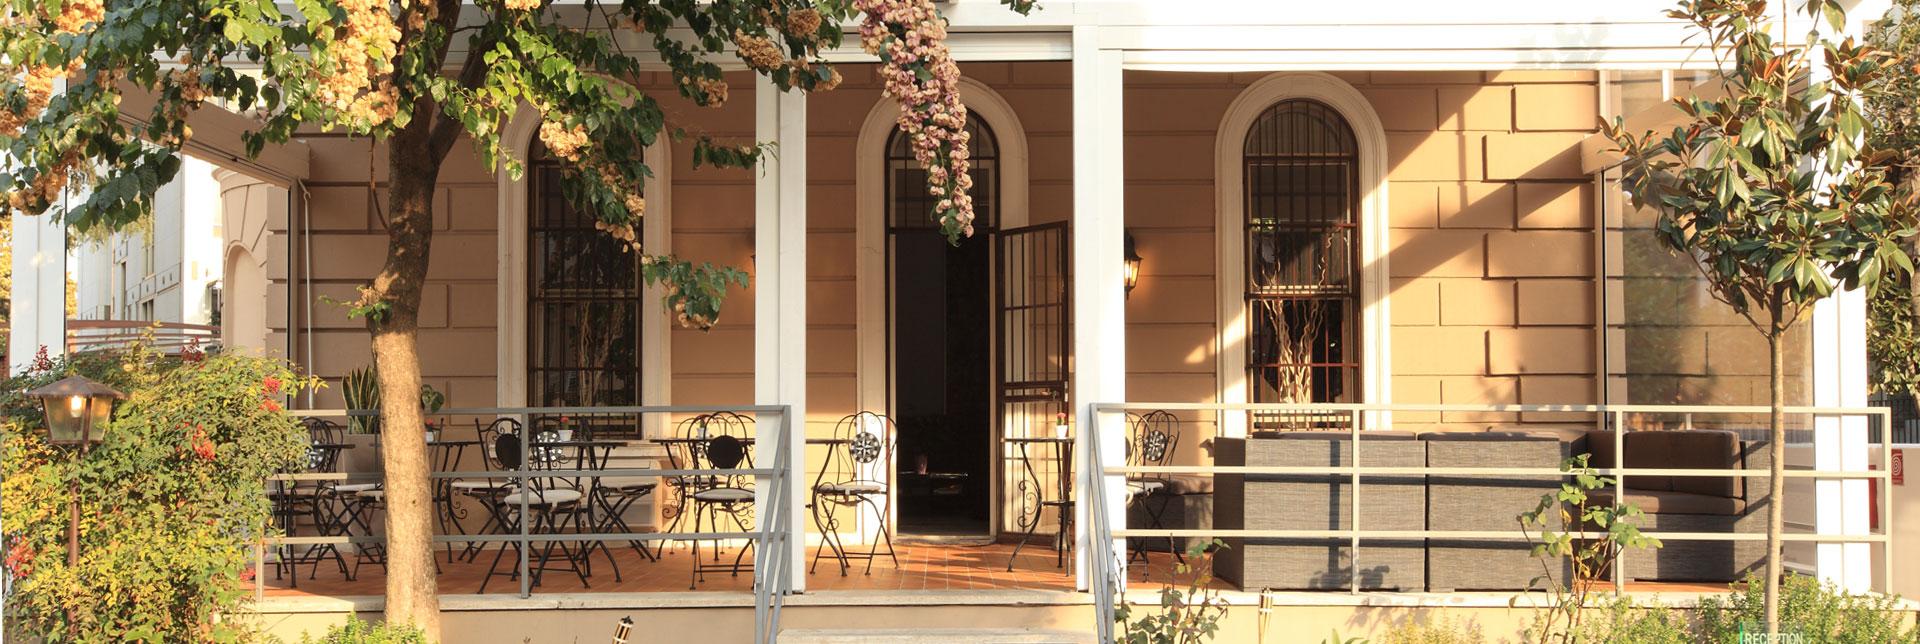 veranda-vp